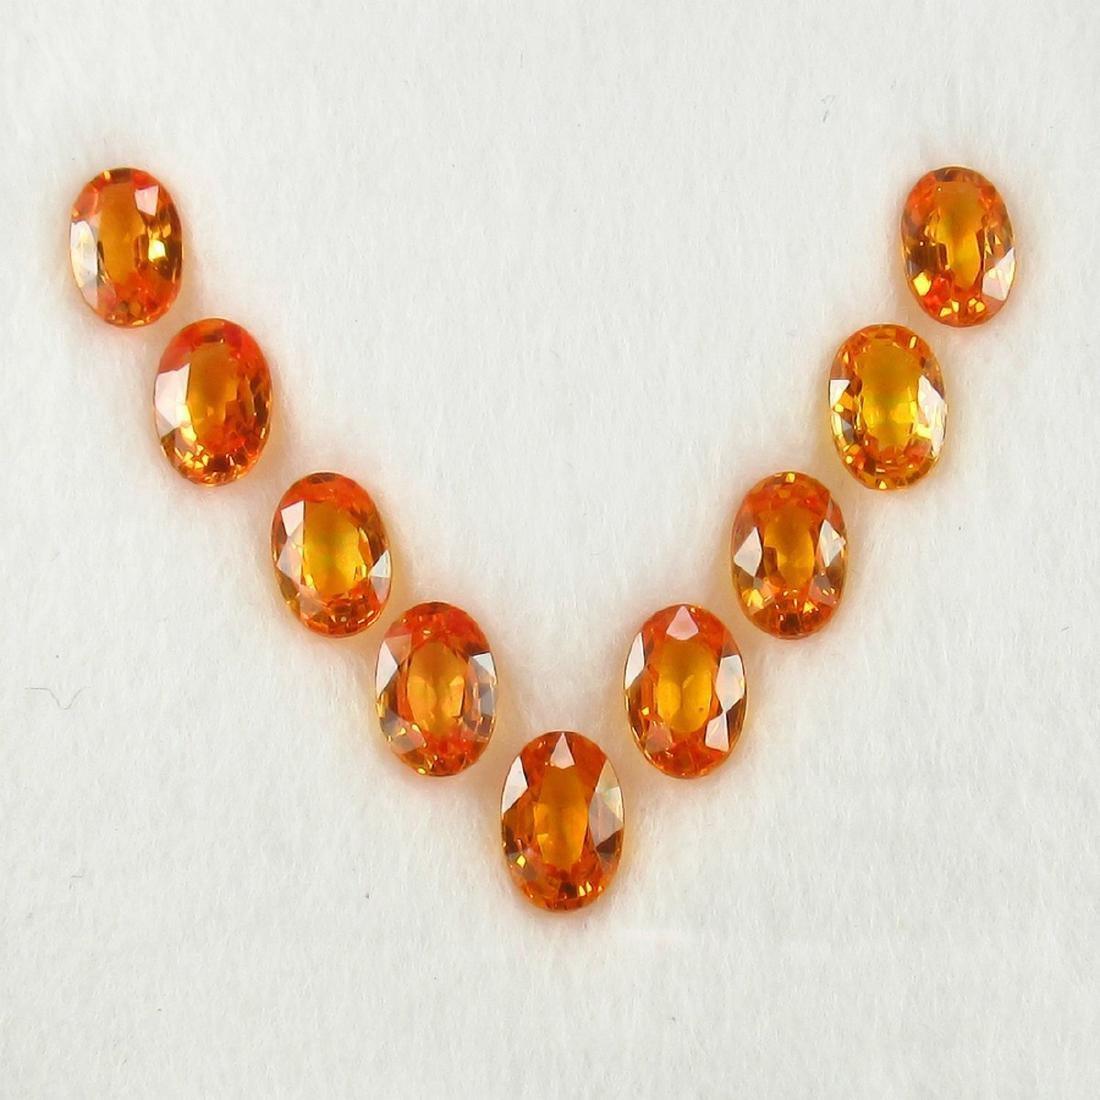 5.13 Carat 7 Loose Orange Sapphire Necklace Set